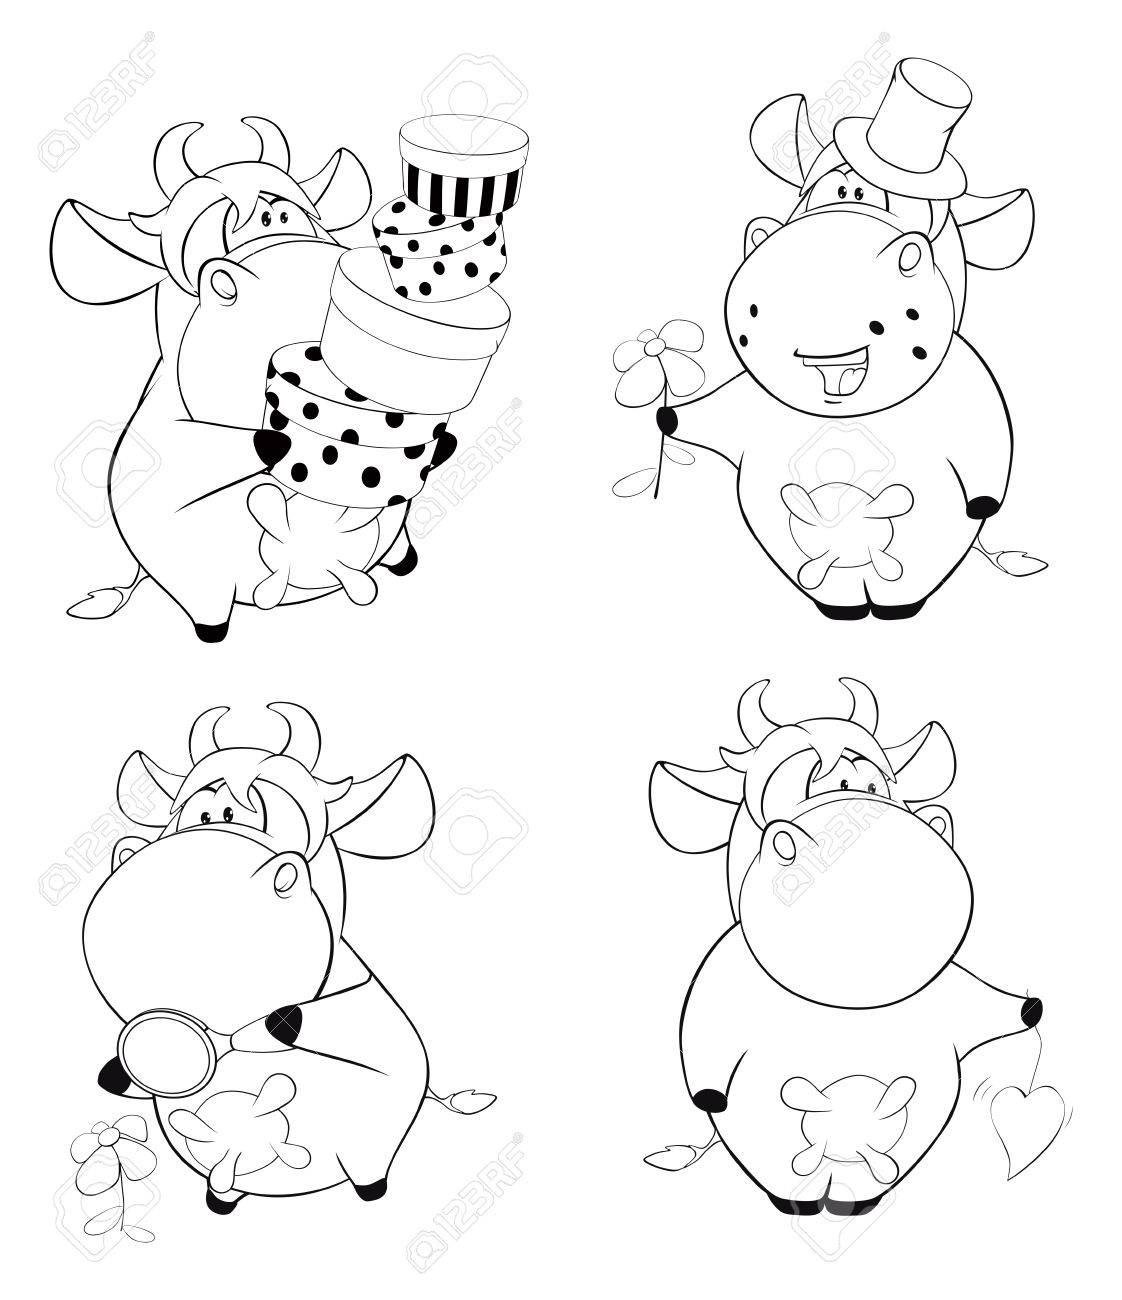 Erfreut Erweiterte Malvorlagen Von Tieren Fotos - Framing ...